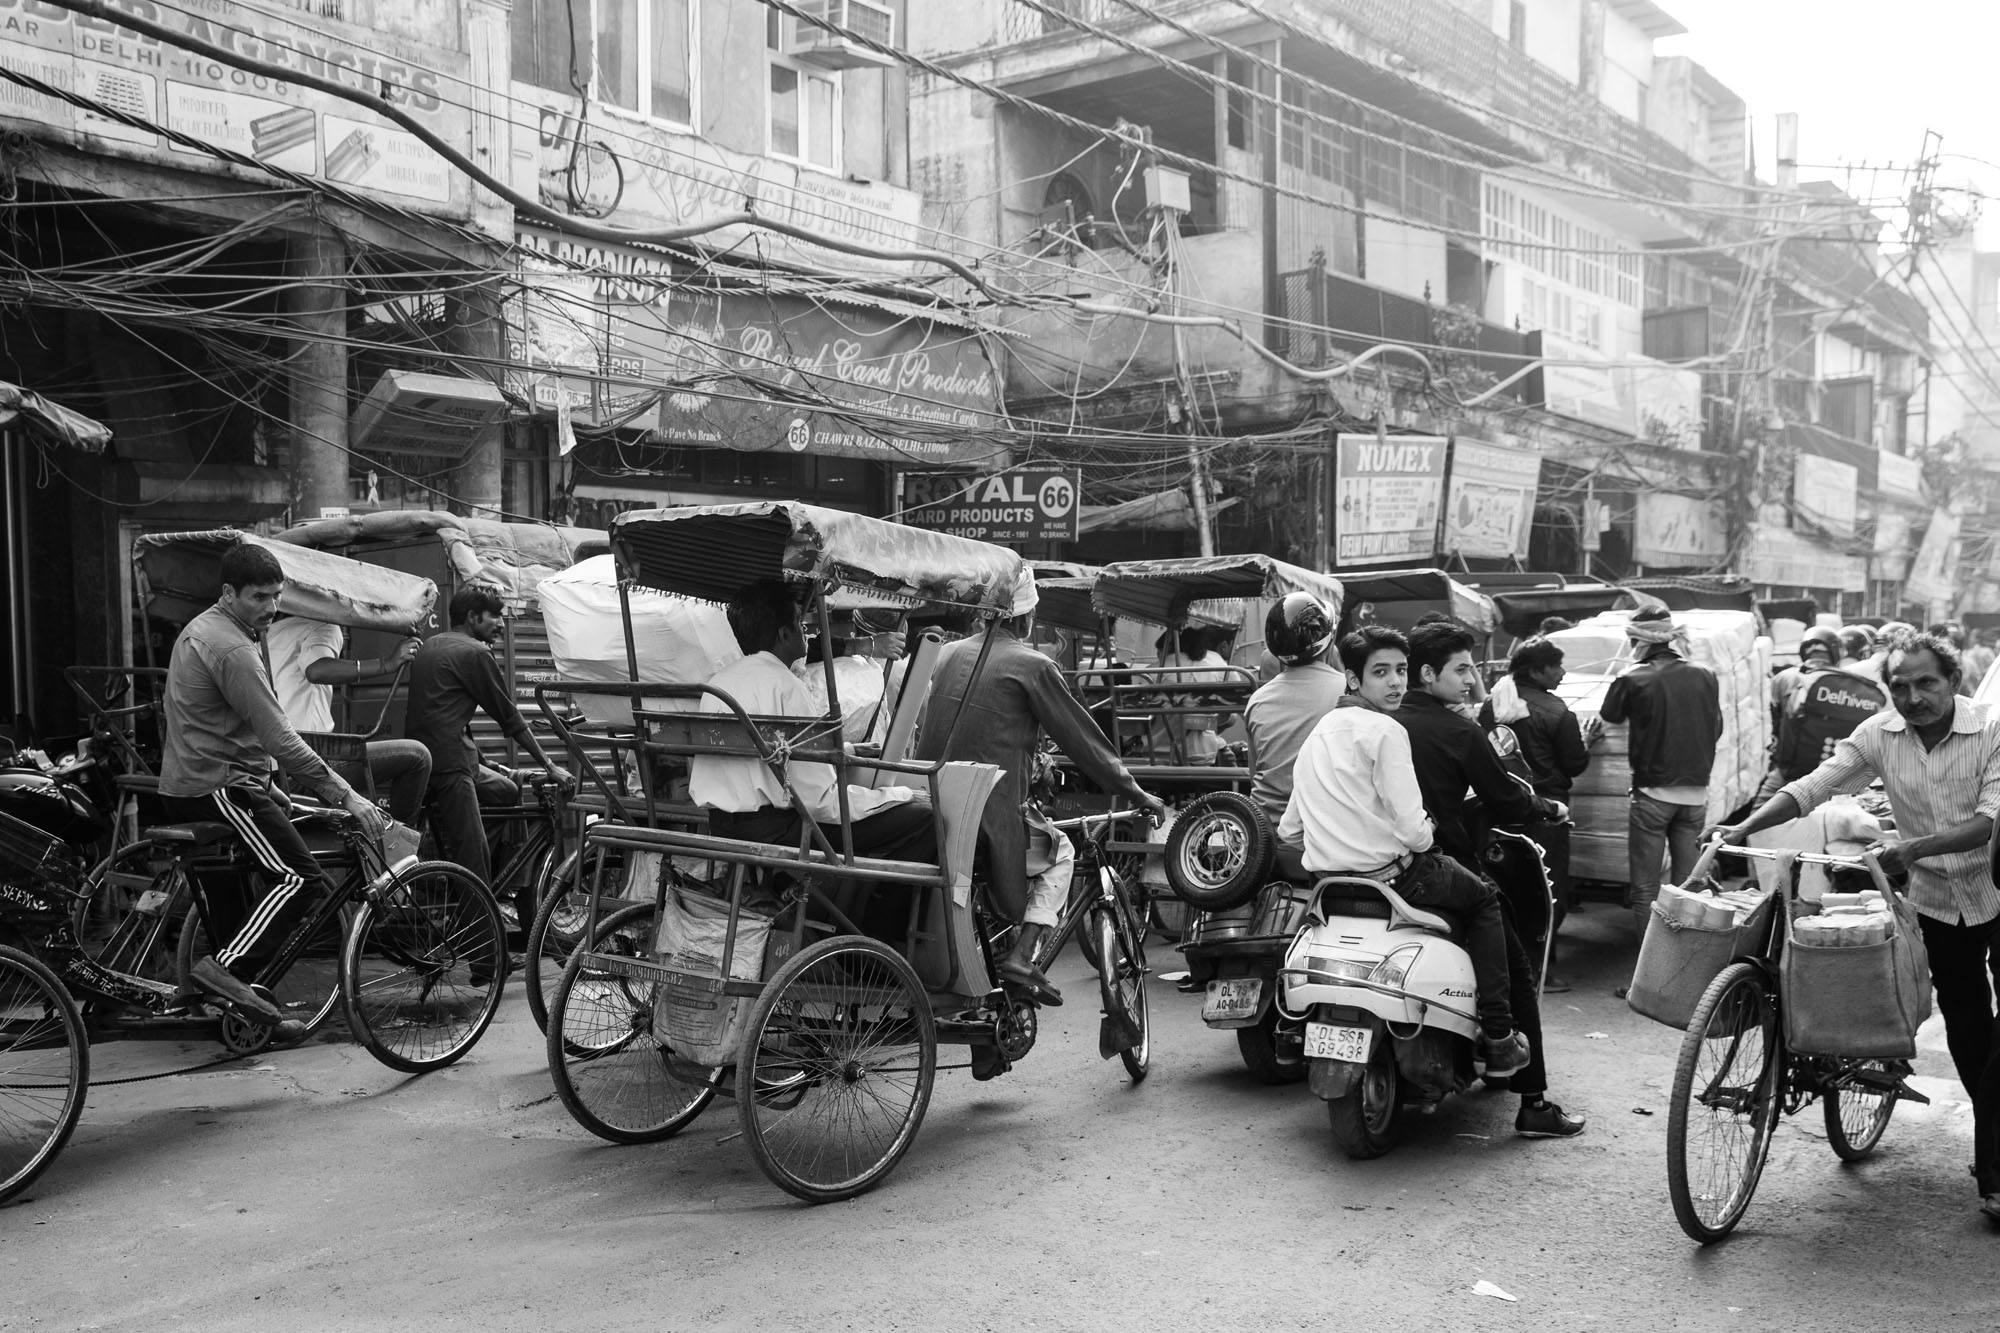 Old Delhi black and white